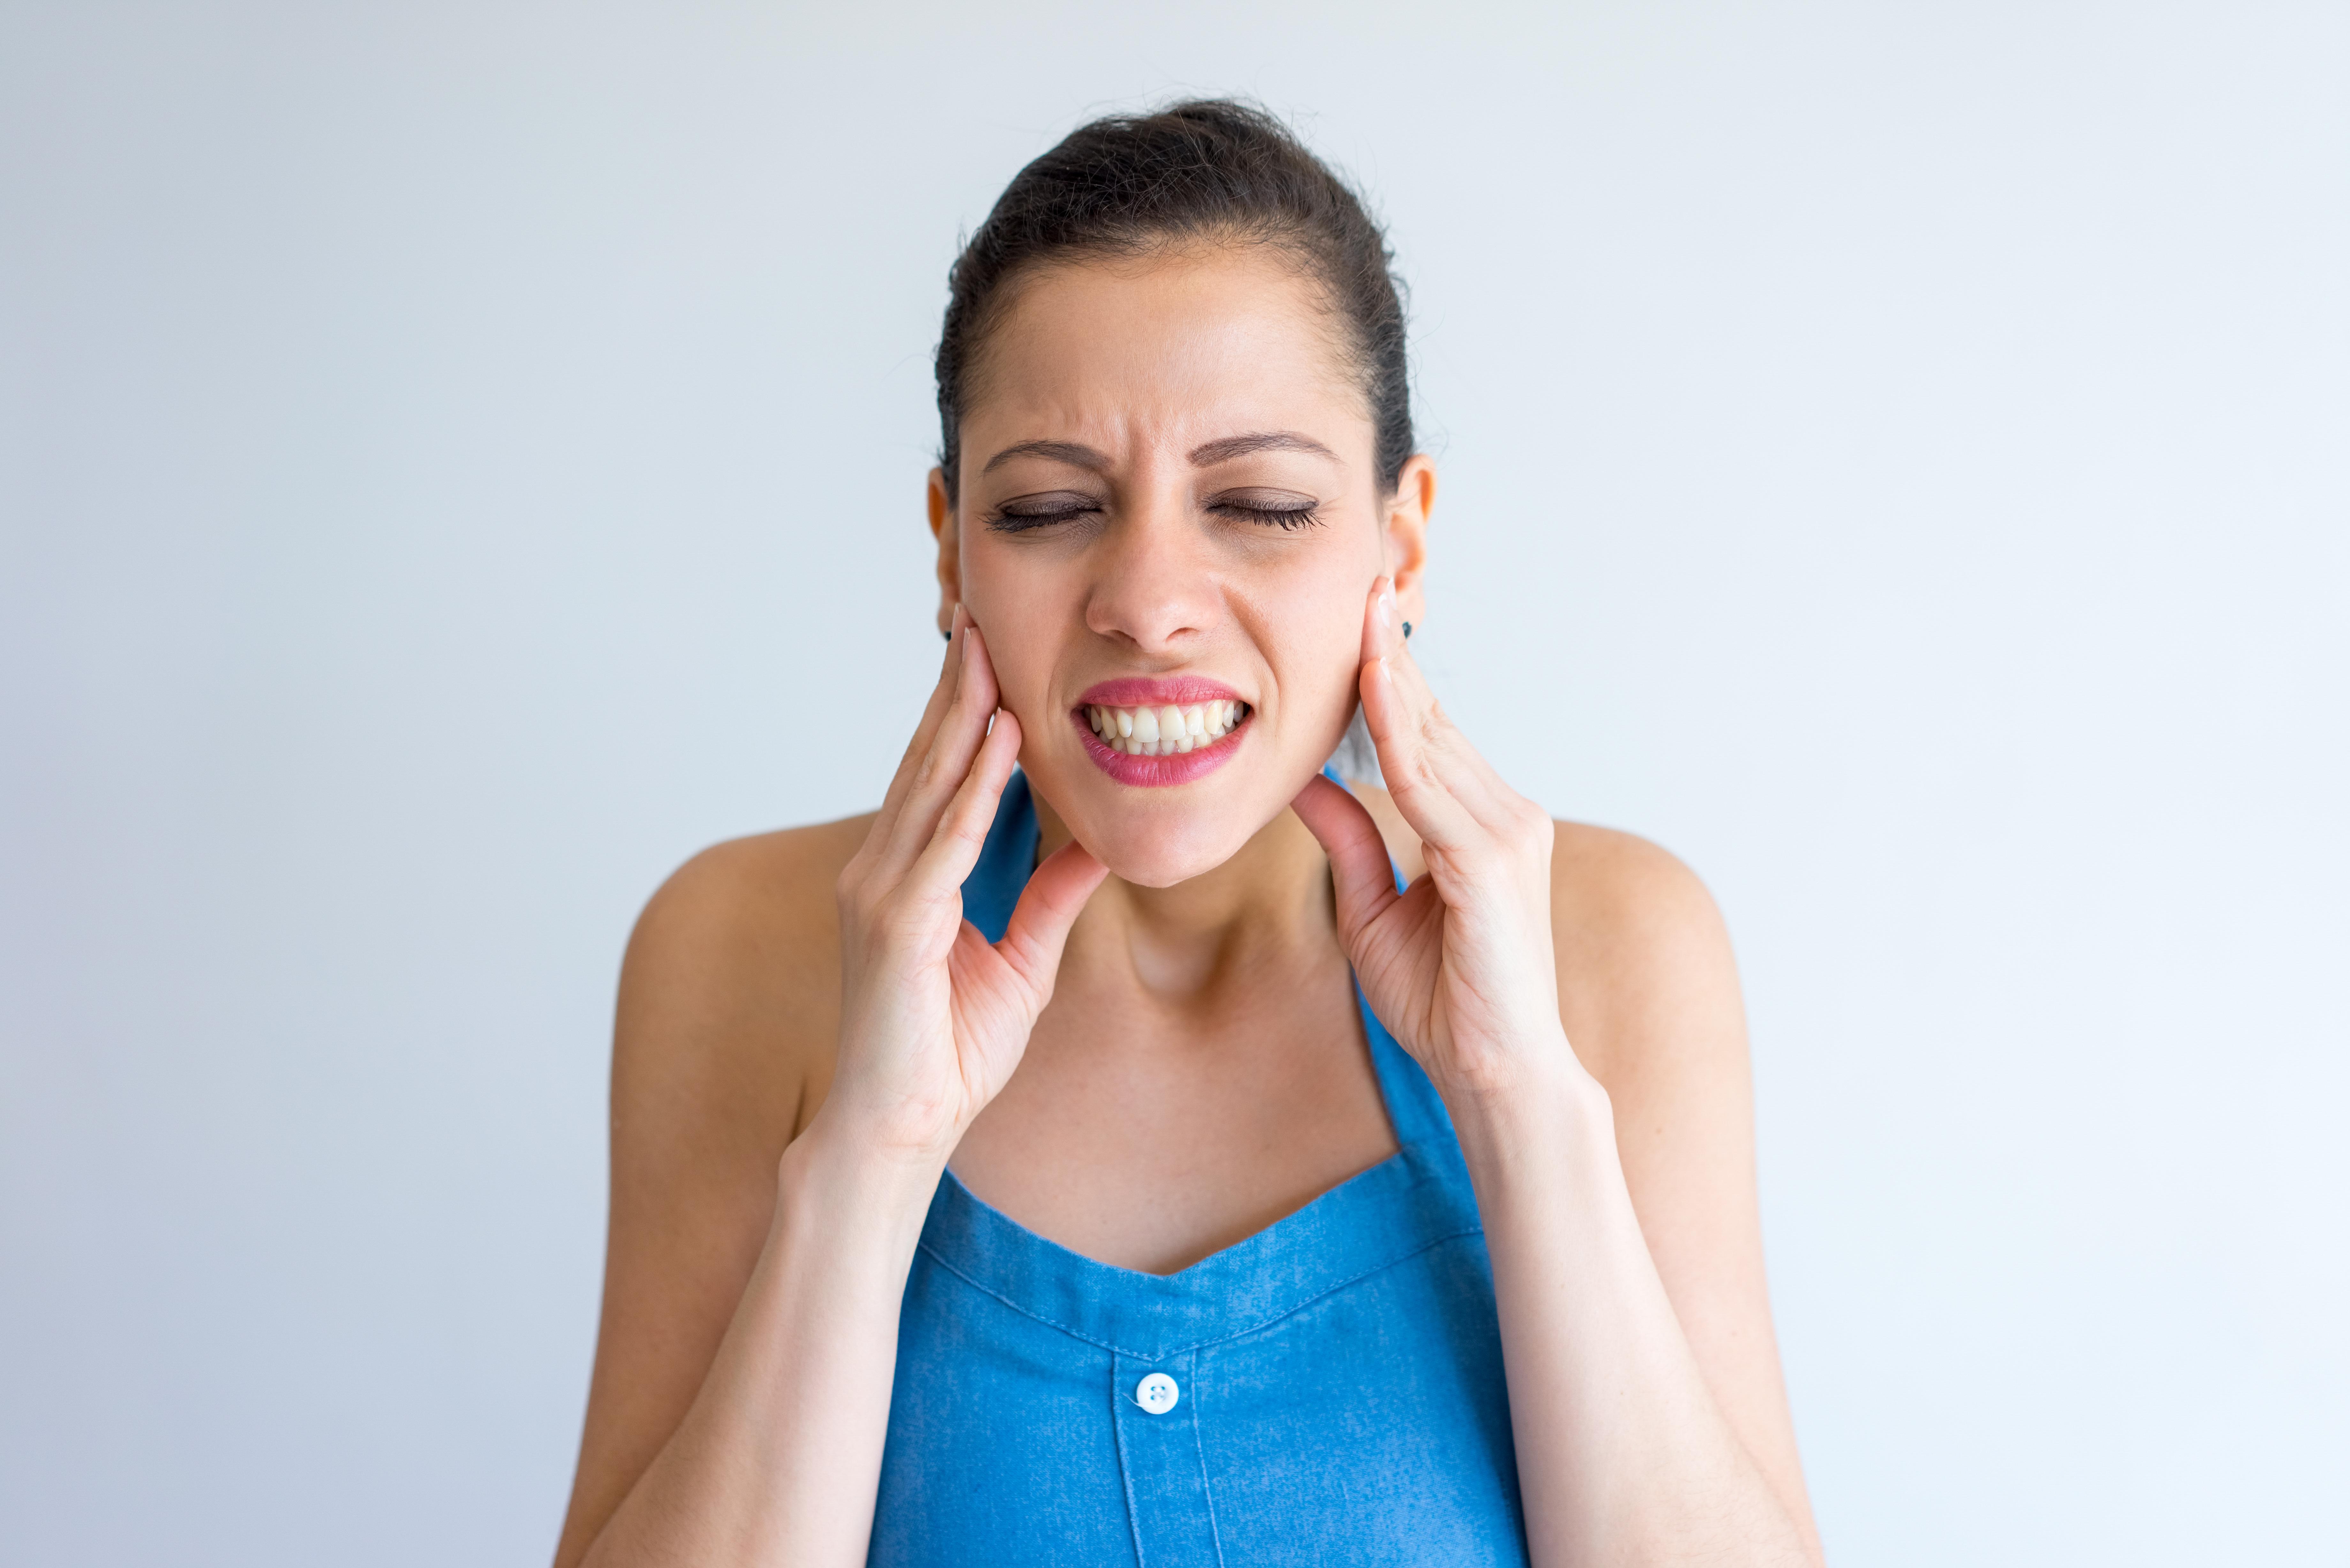 براکسیسم یا دندانقروچه